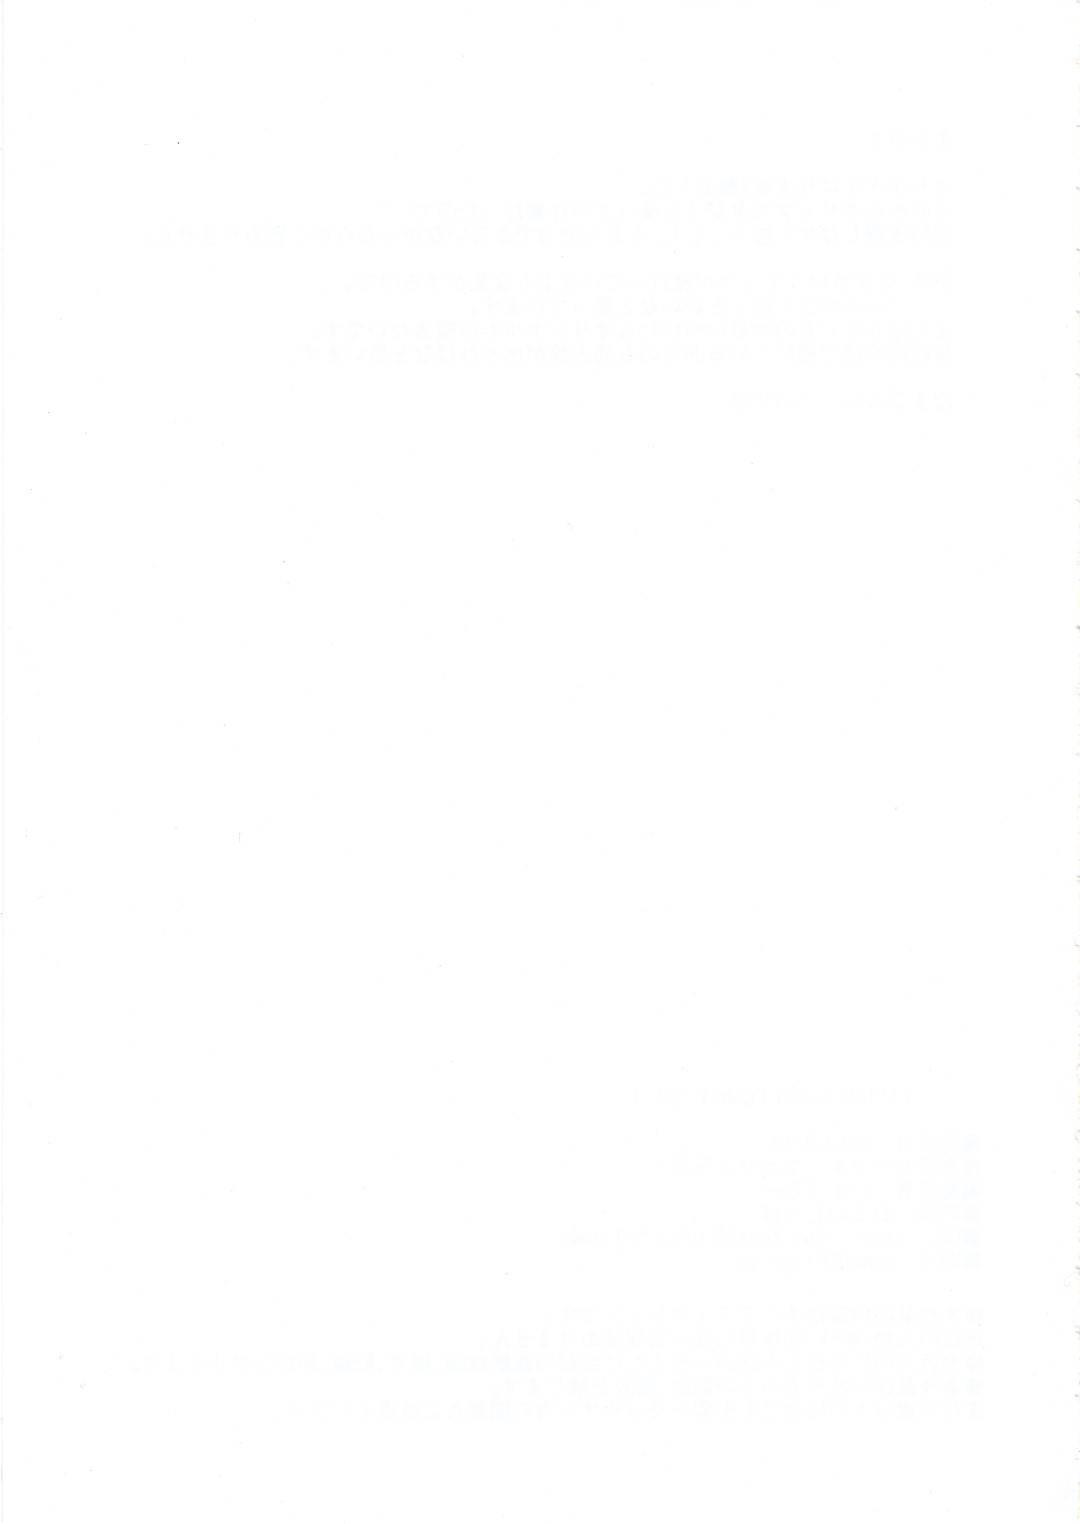 【エロ同人誌】夏休みに遊ぶ金を稼ぐため、援交で稼ぎまくるビッチ少女2人組…おじさんちんぽをしゃぶりまくり、生ハメ中出し3P乱交セックスしてイキまくる【ポケモン/C96】